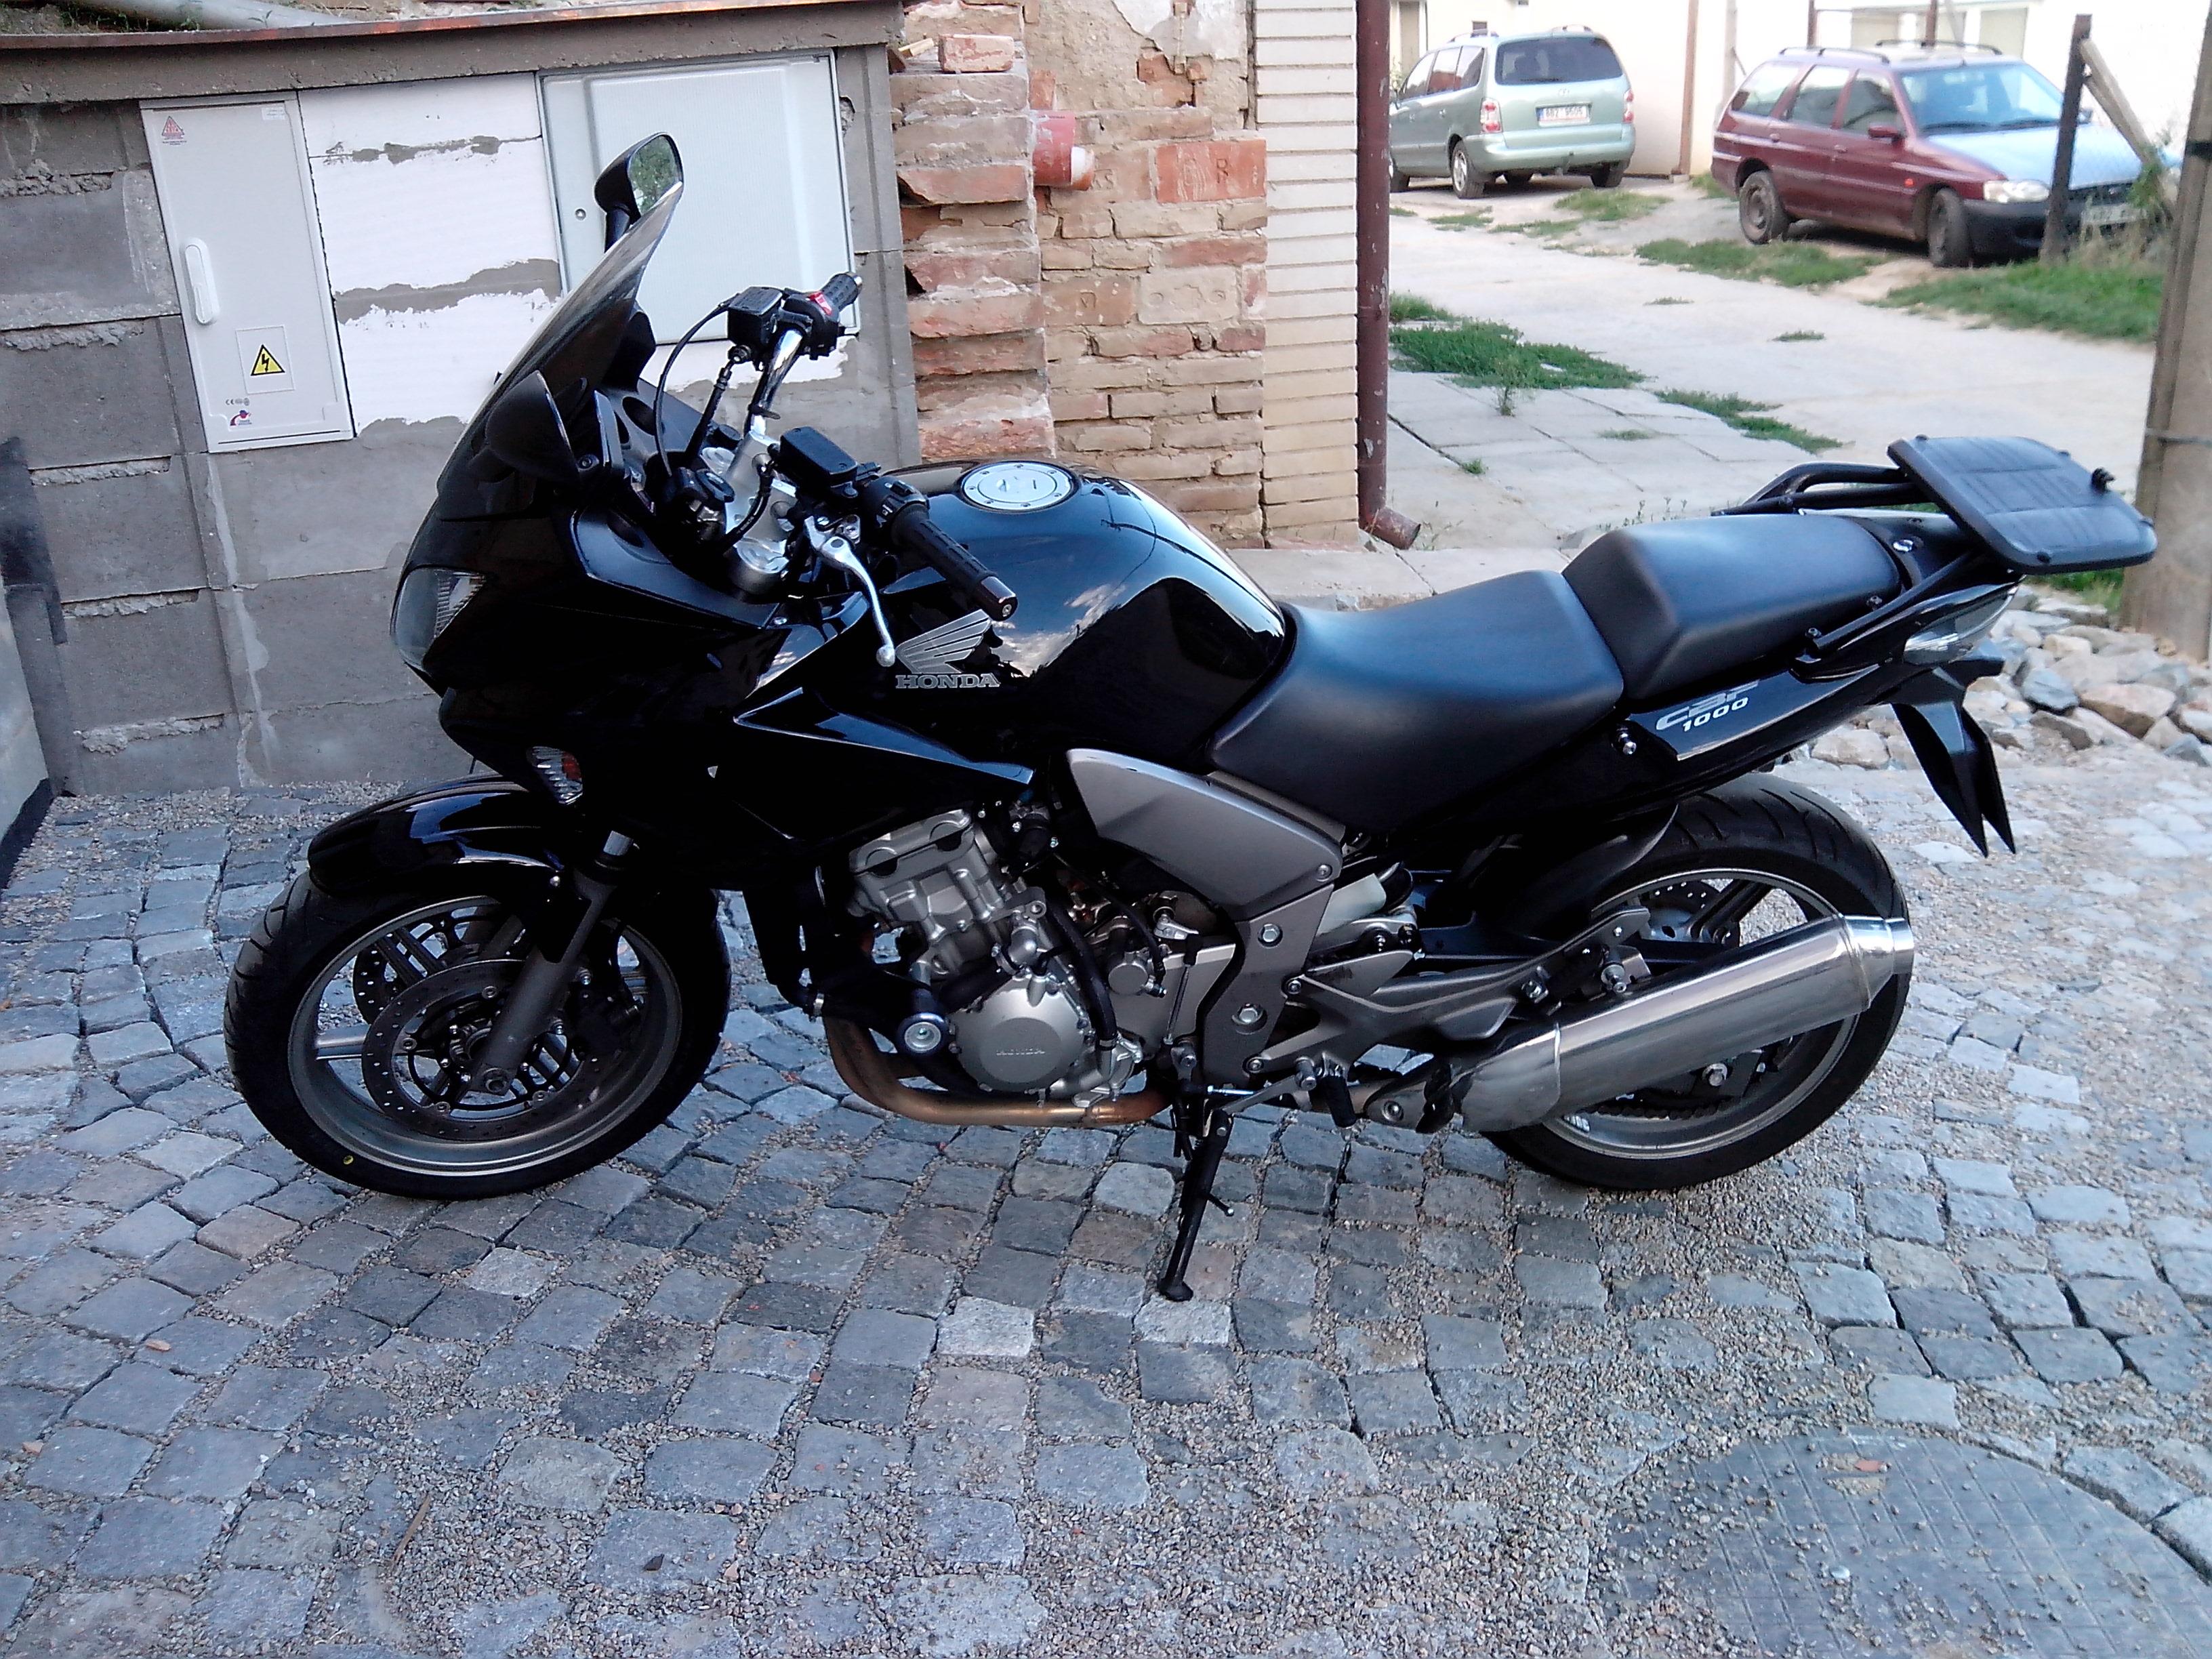 FileHonda CBF1000 In Bulhary